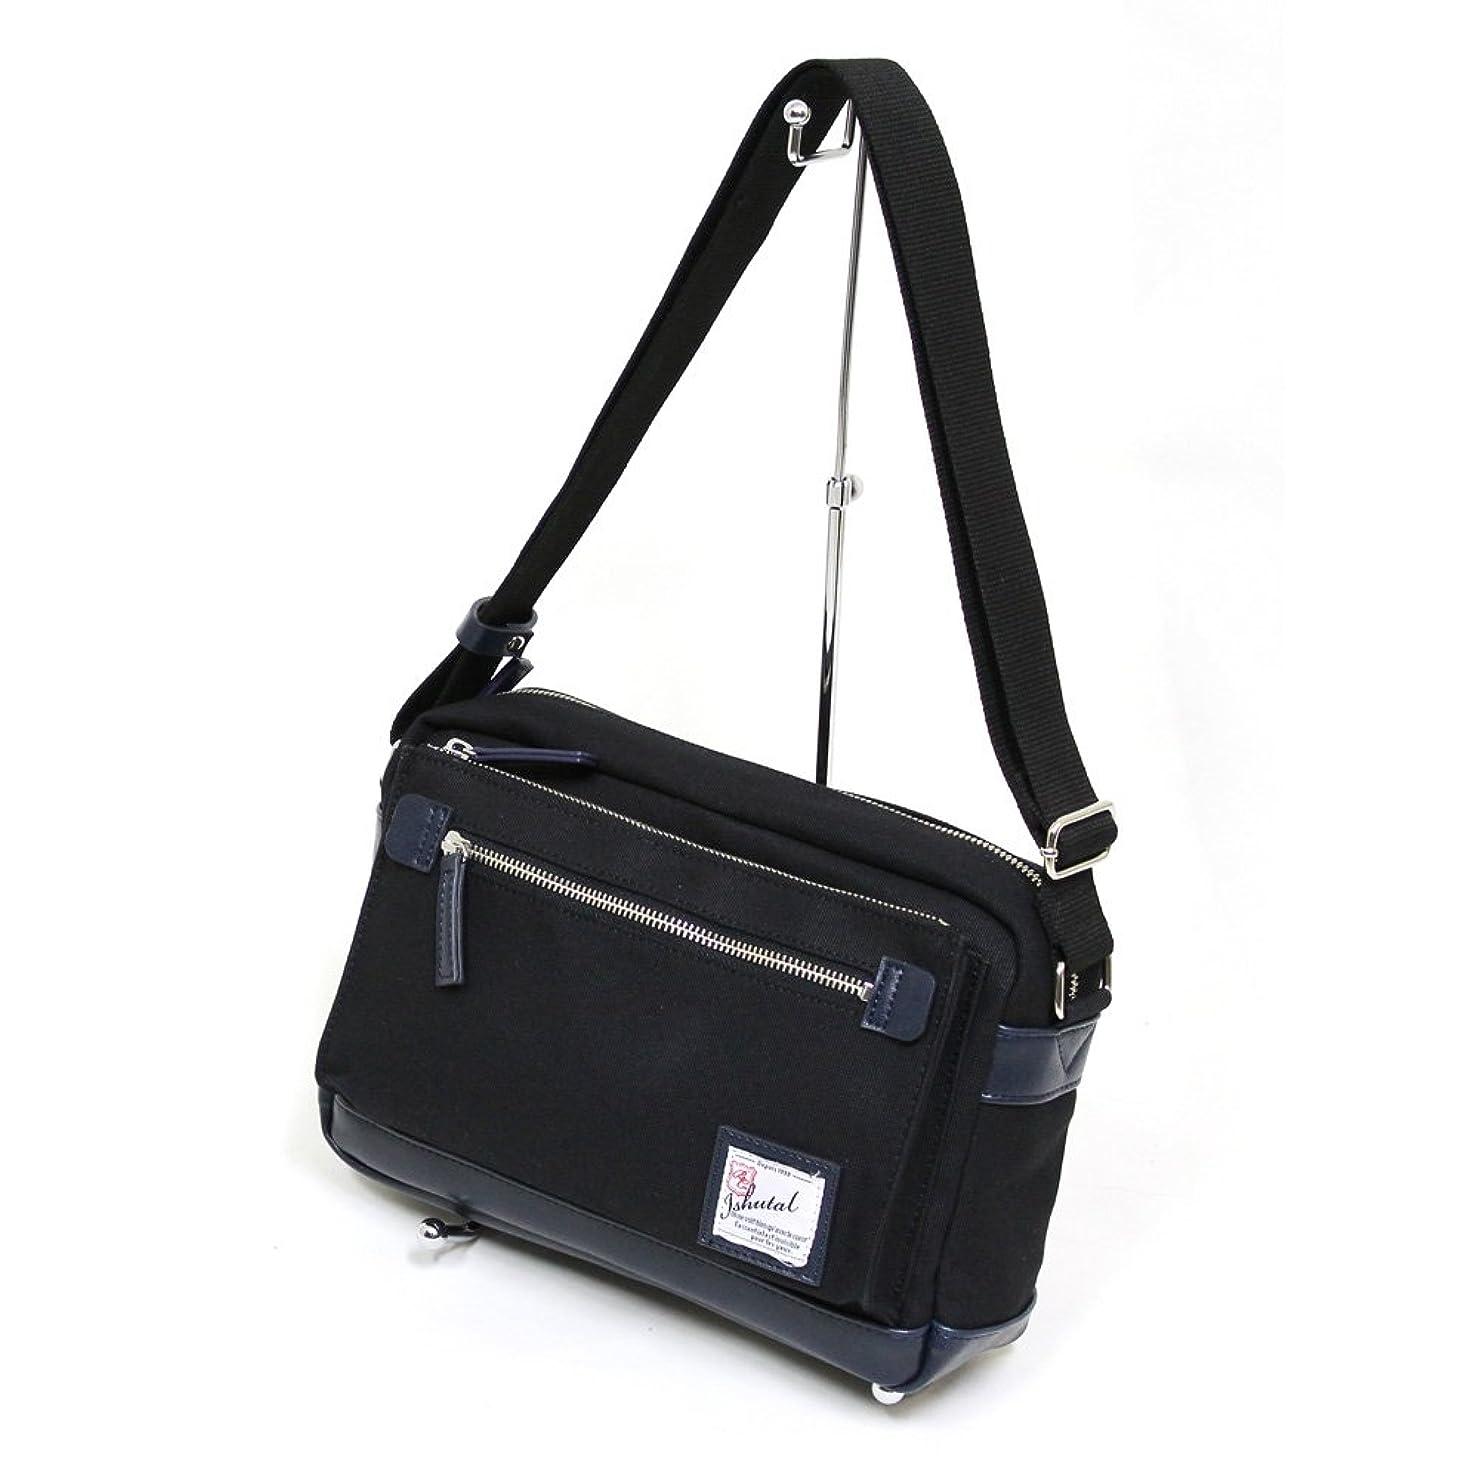 感情どれ小さい十川鞄 B.C.+ISHUTAL イシュタル バロック ショルダーバッグ ブラック IBQ-5903-BK